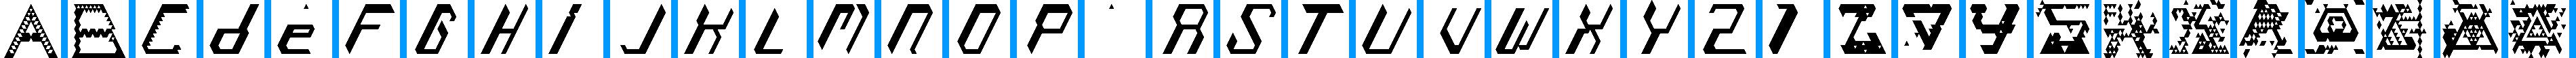 Particip-a-type v.259